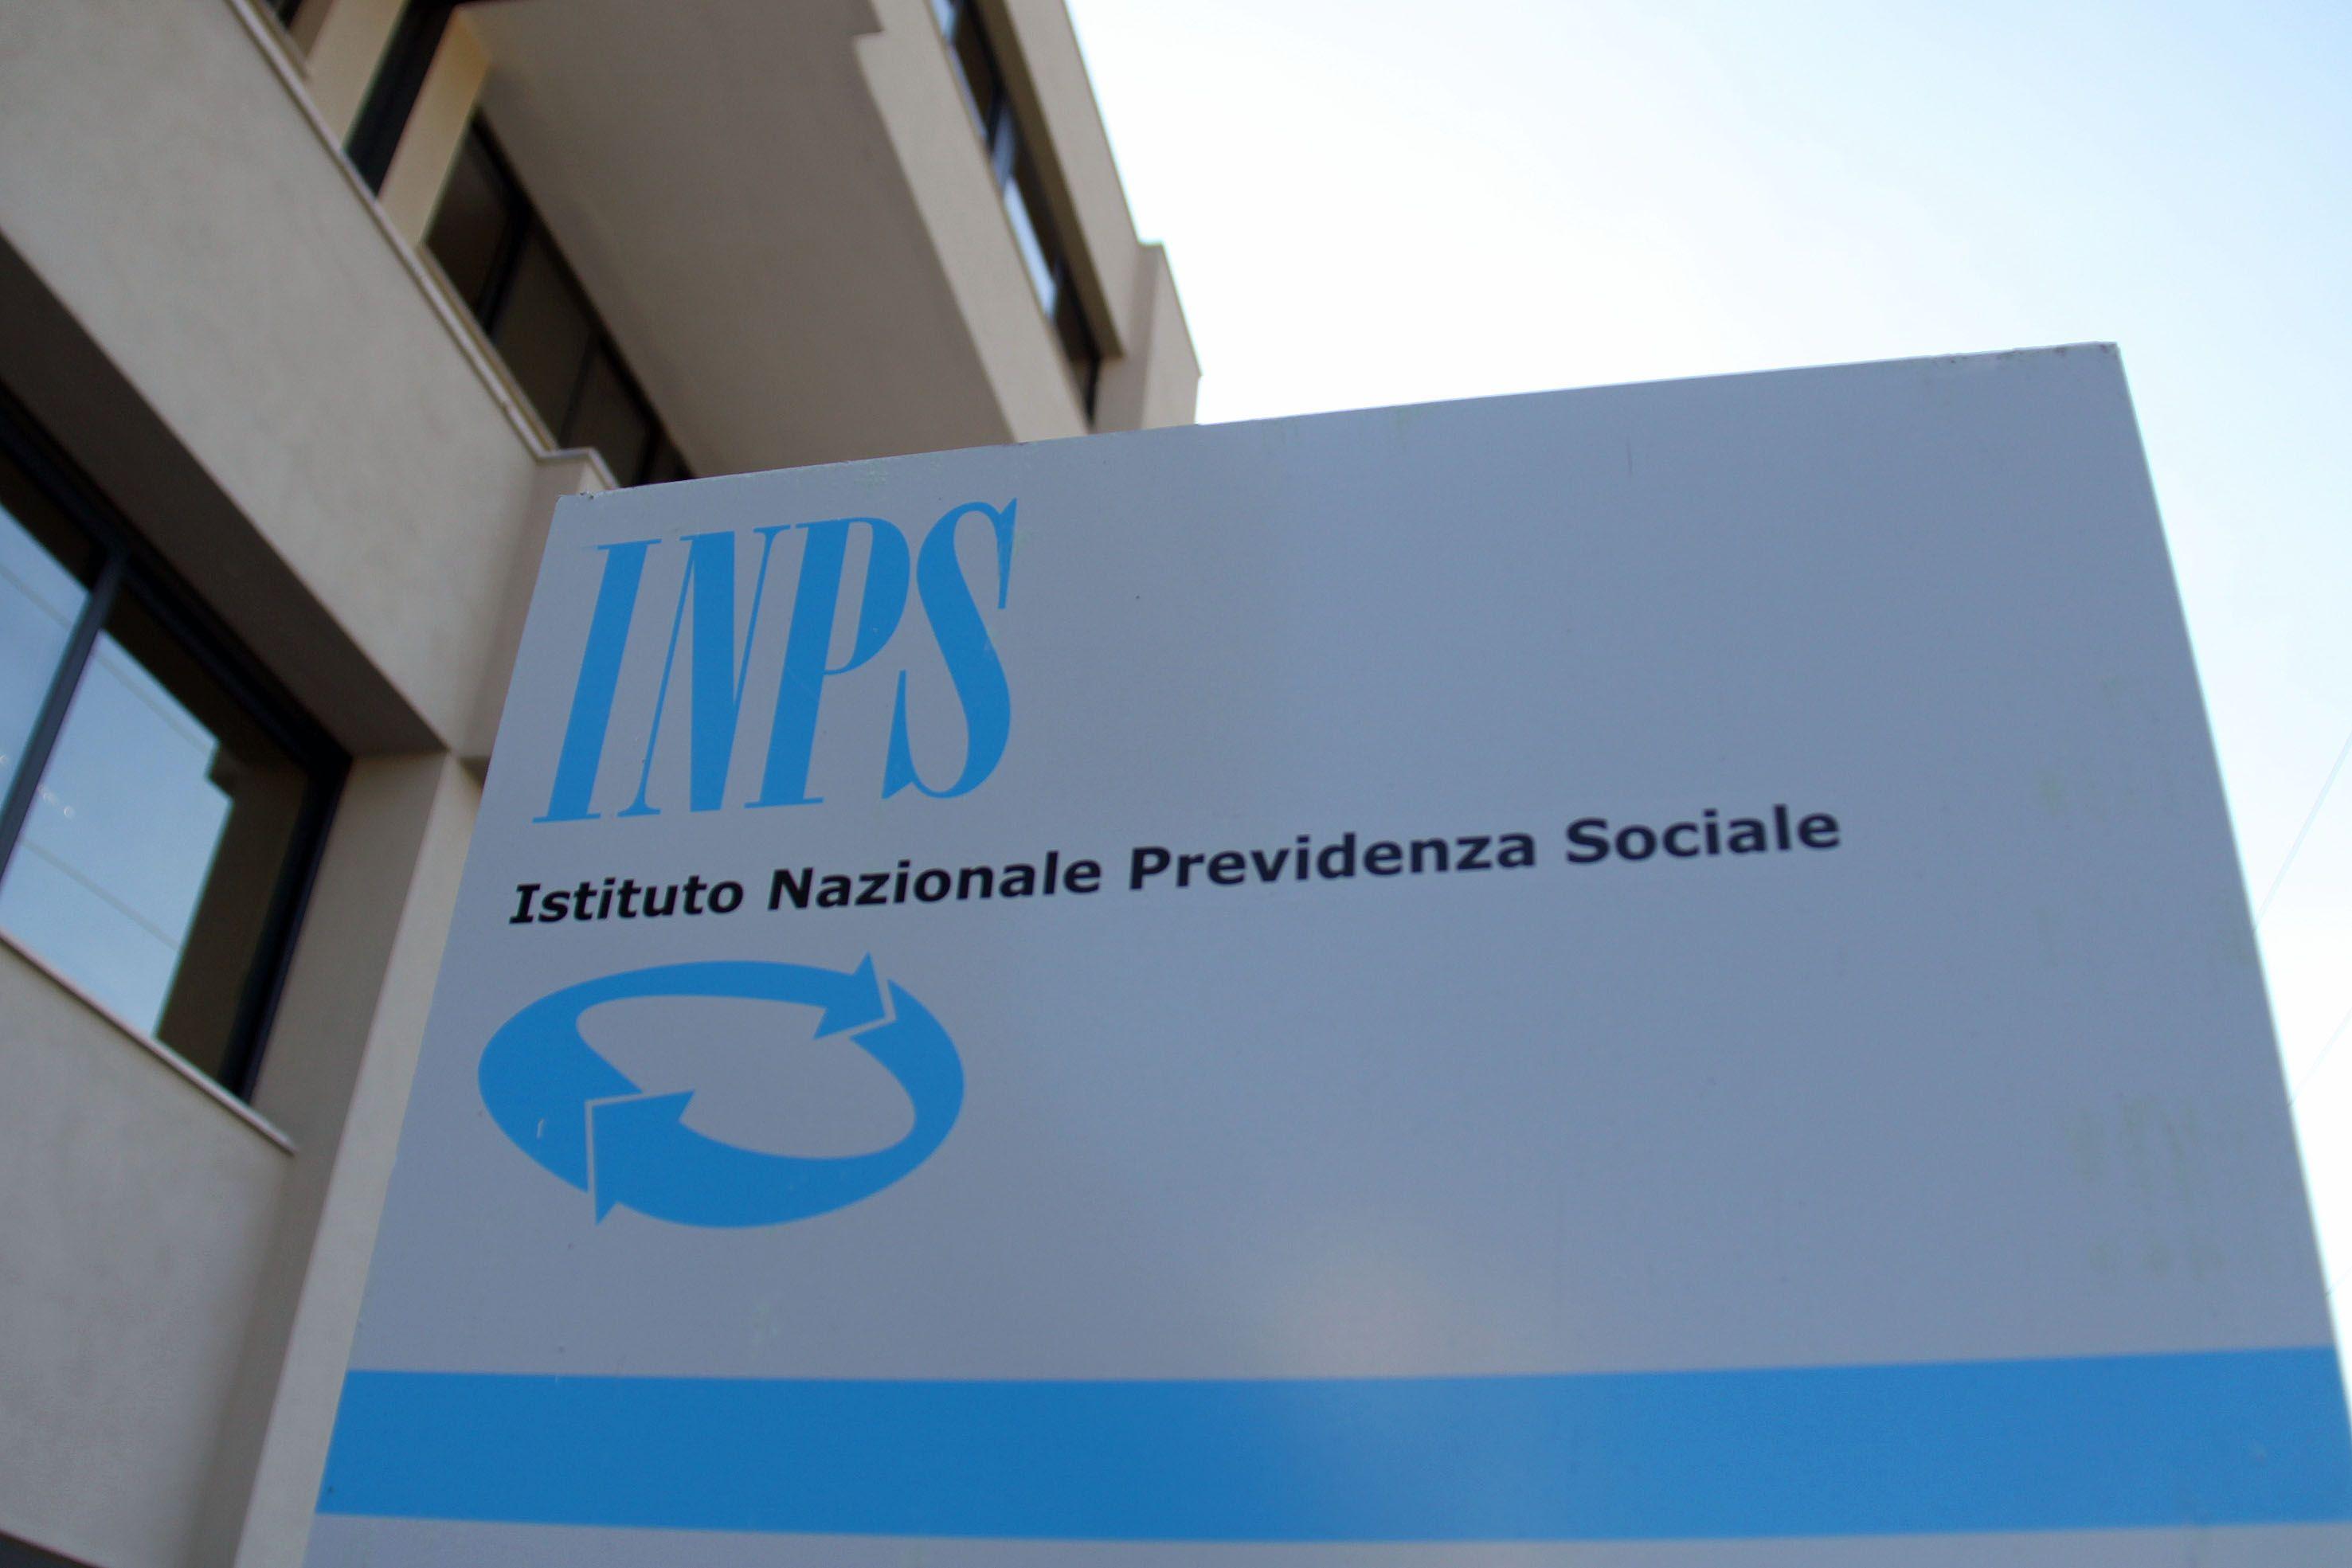 Estratto conto contributivo 2014 Inps e Inpdap: tutti le informazioni utili